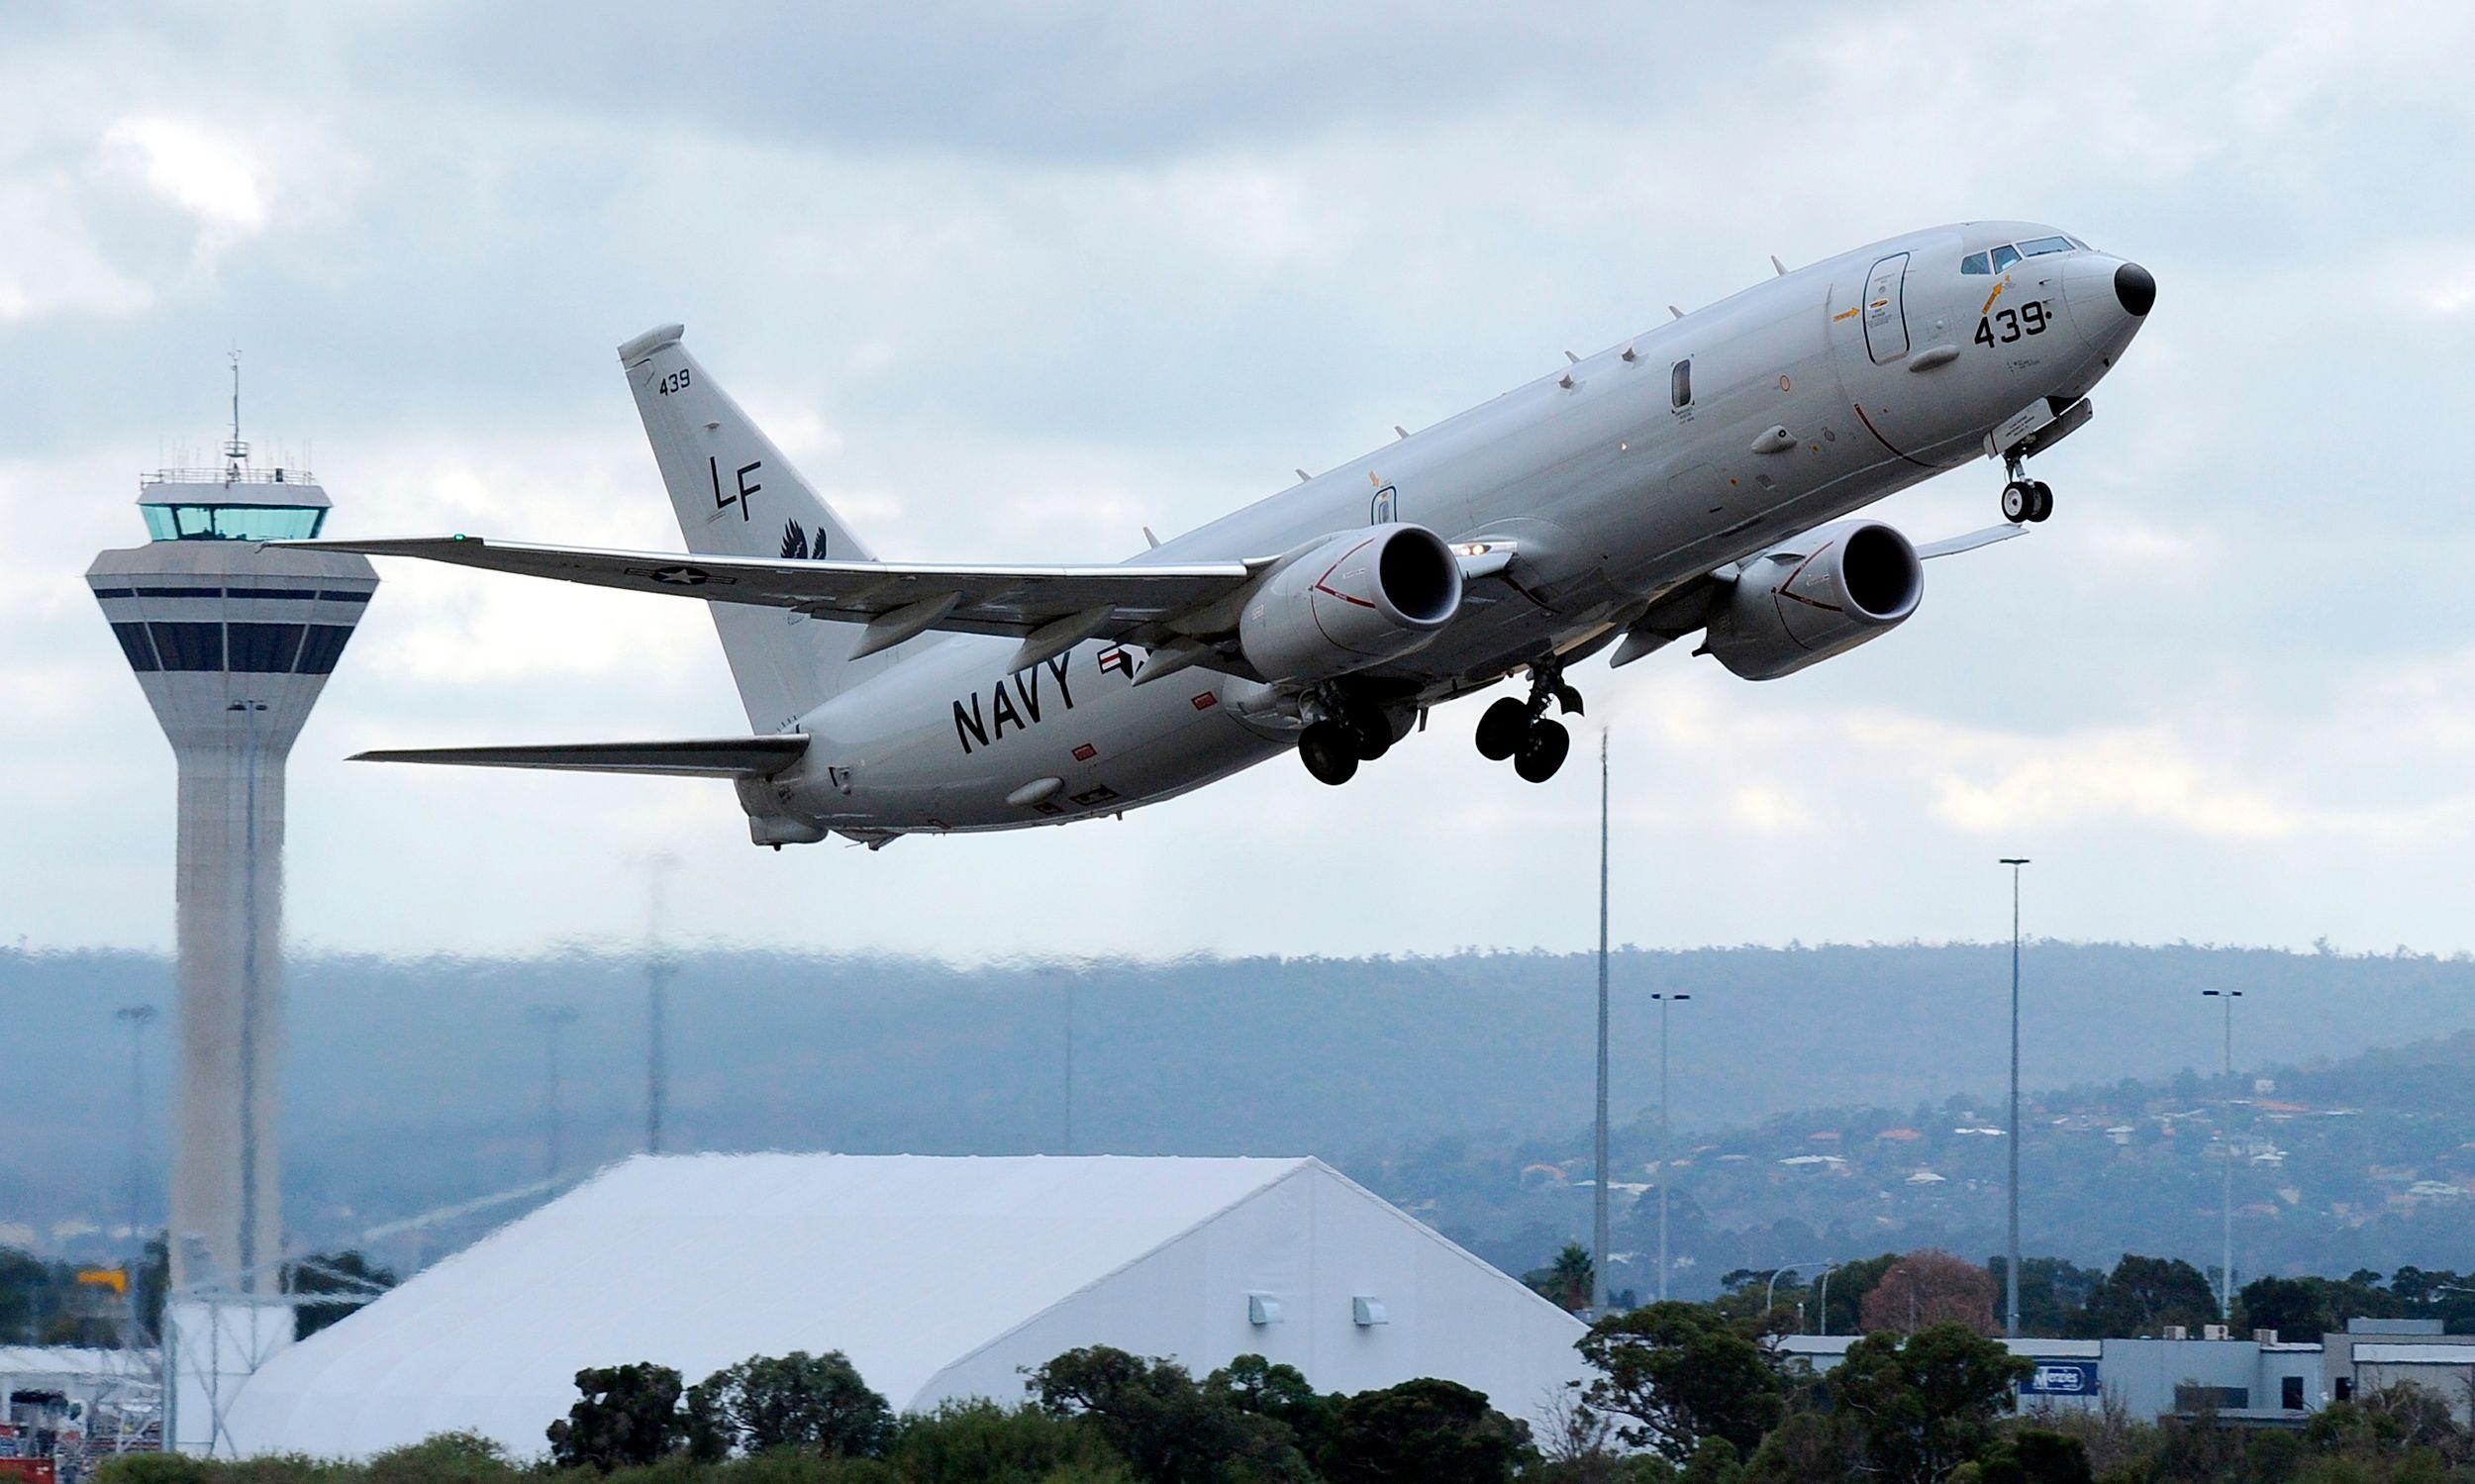 """Quels critères permettent de définir une compagnie aérienne """"sûre"""" ?"""